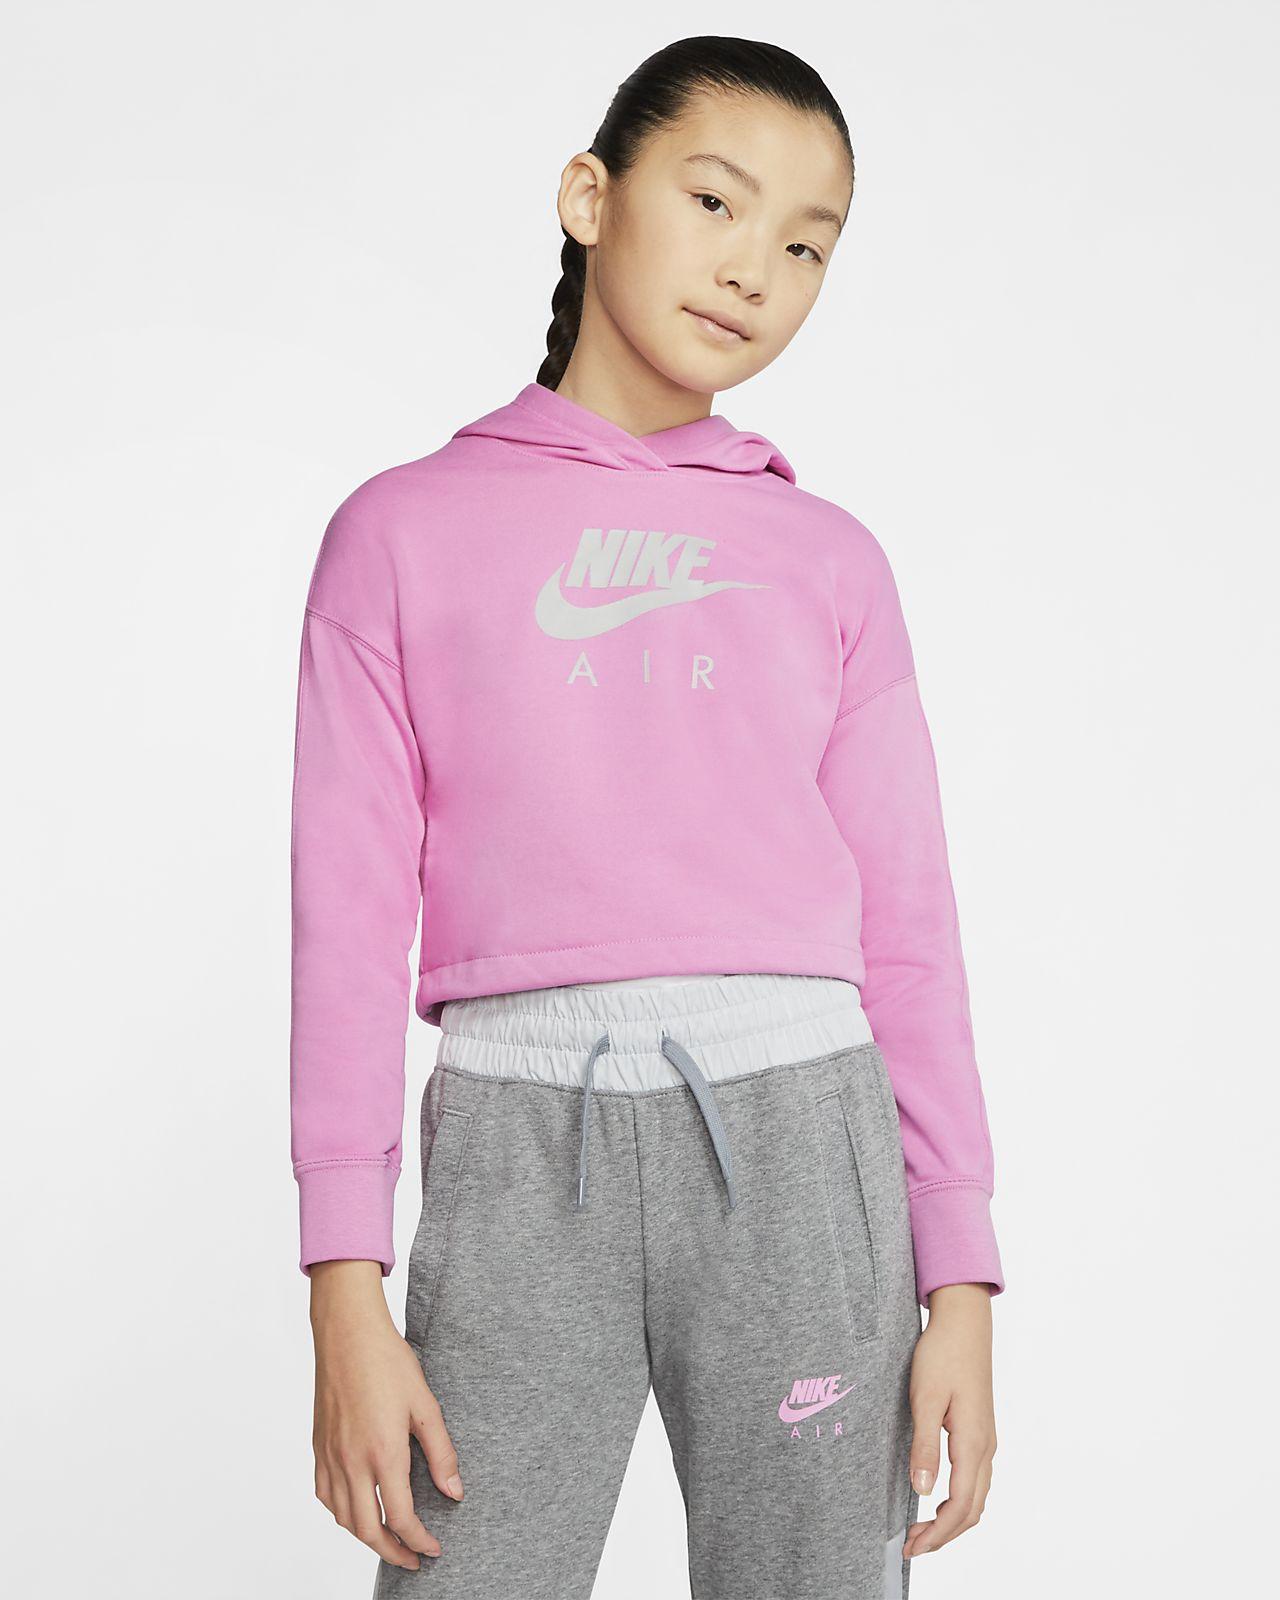 Nike Air Kısaltılmış Genç Çocuk (Kız) Kapüşonlu Üst